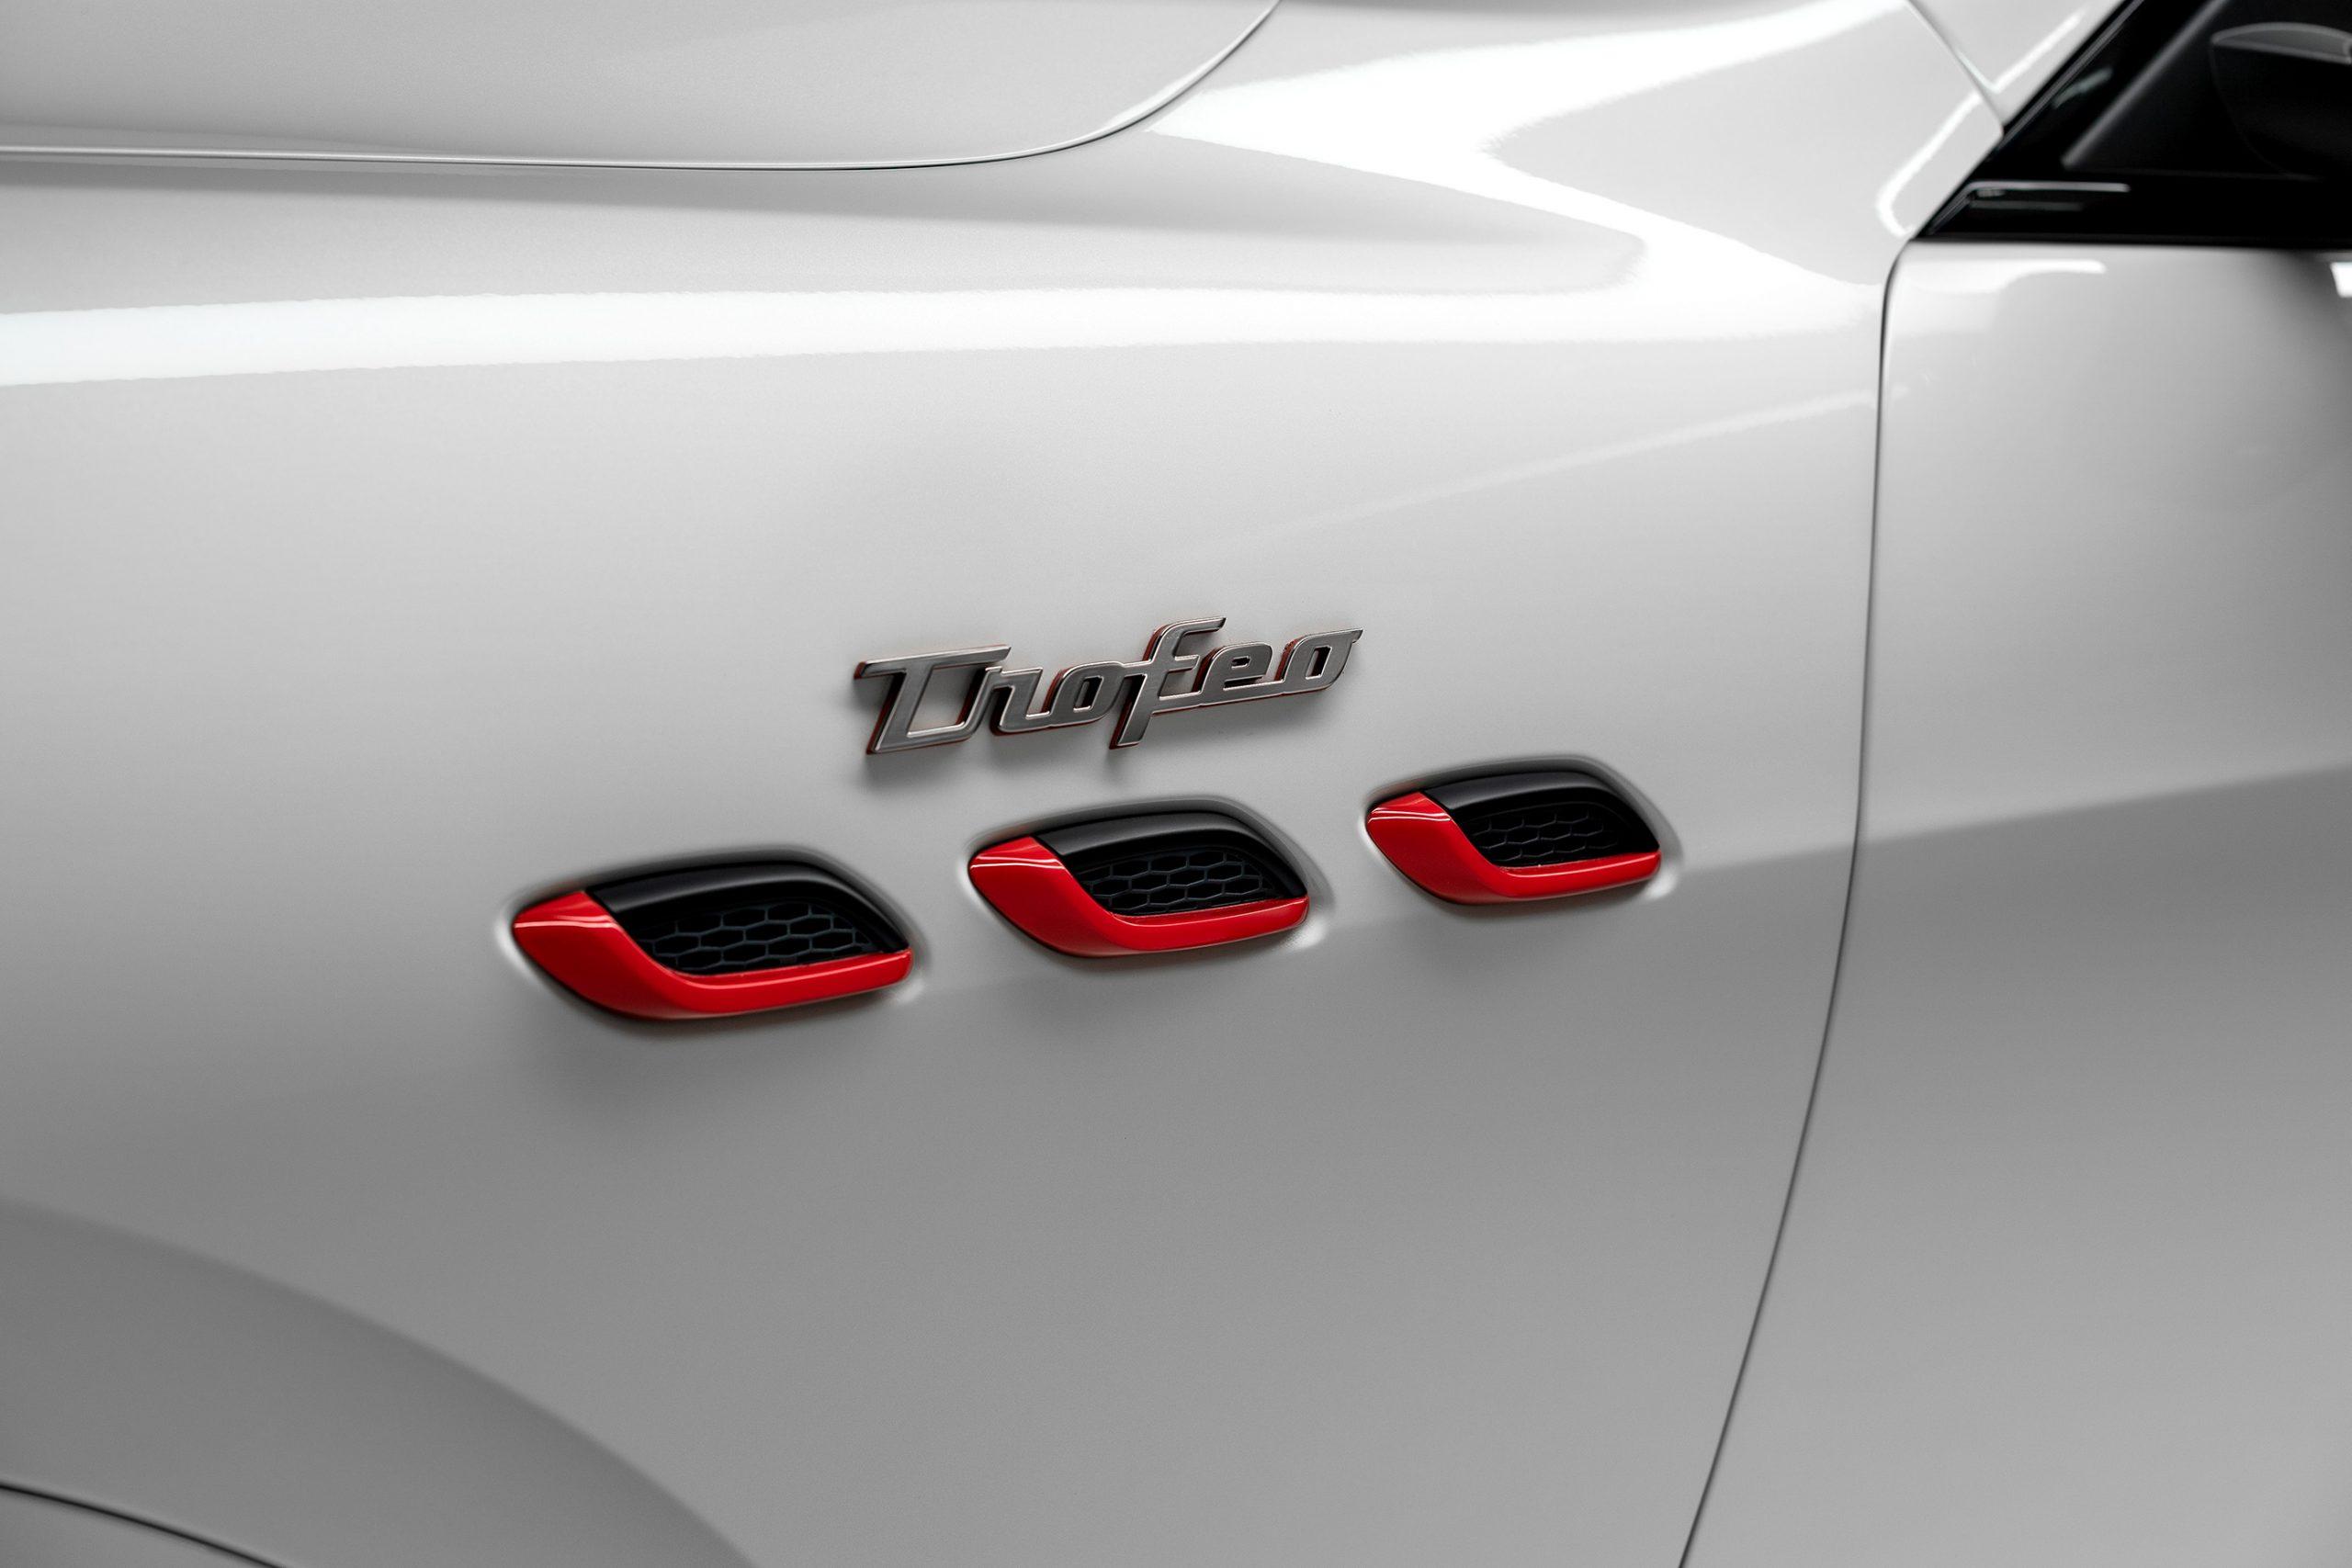 white trofeo levante badging details